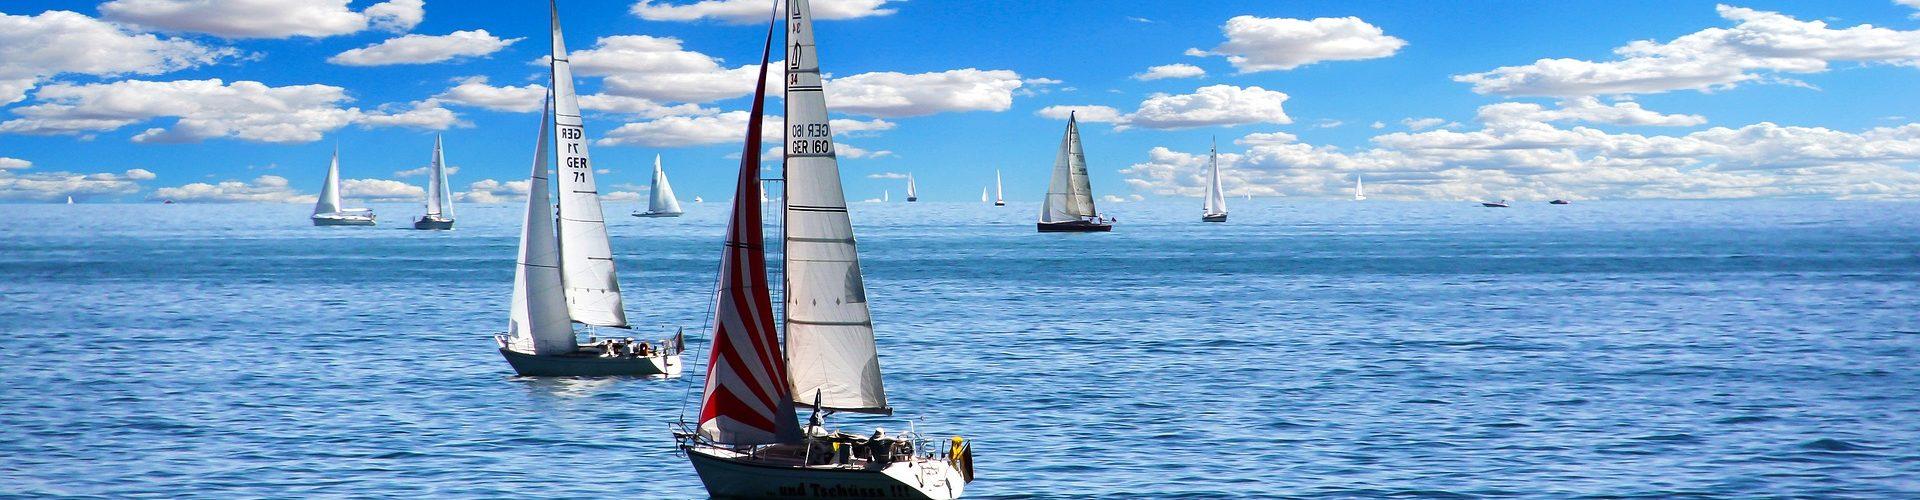 segeln lernen in Wandlitz segelschein machen in Wandlitz 1920x500 - Segeln lernen in Wandlitz